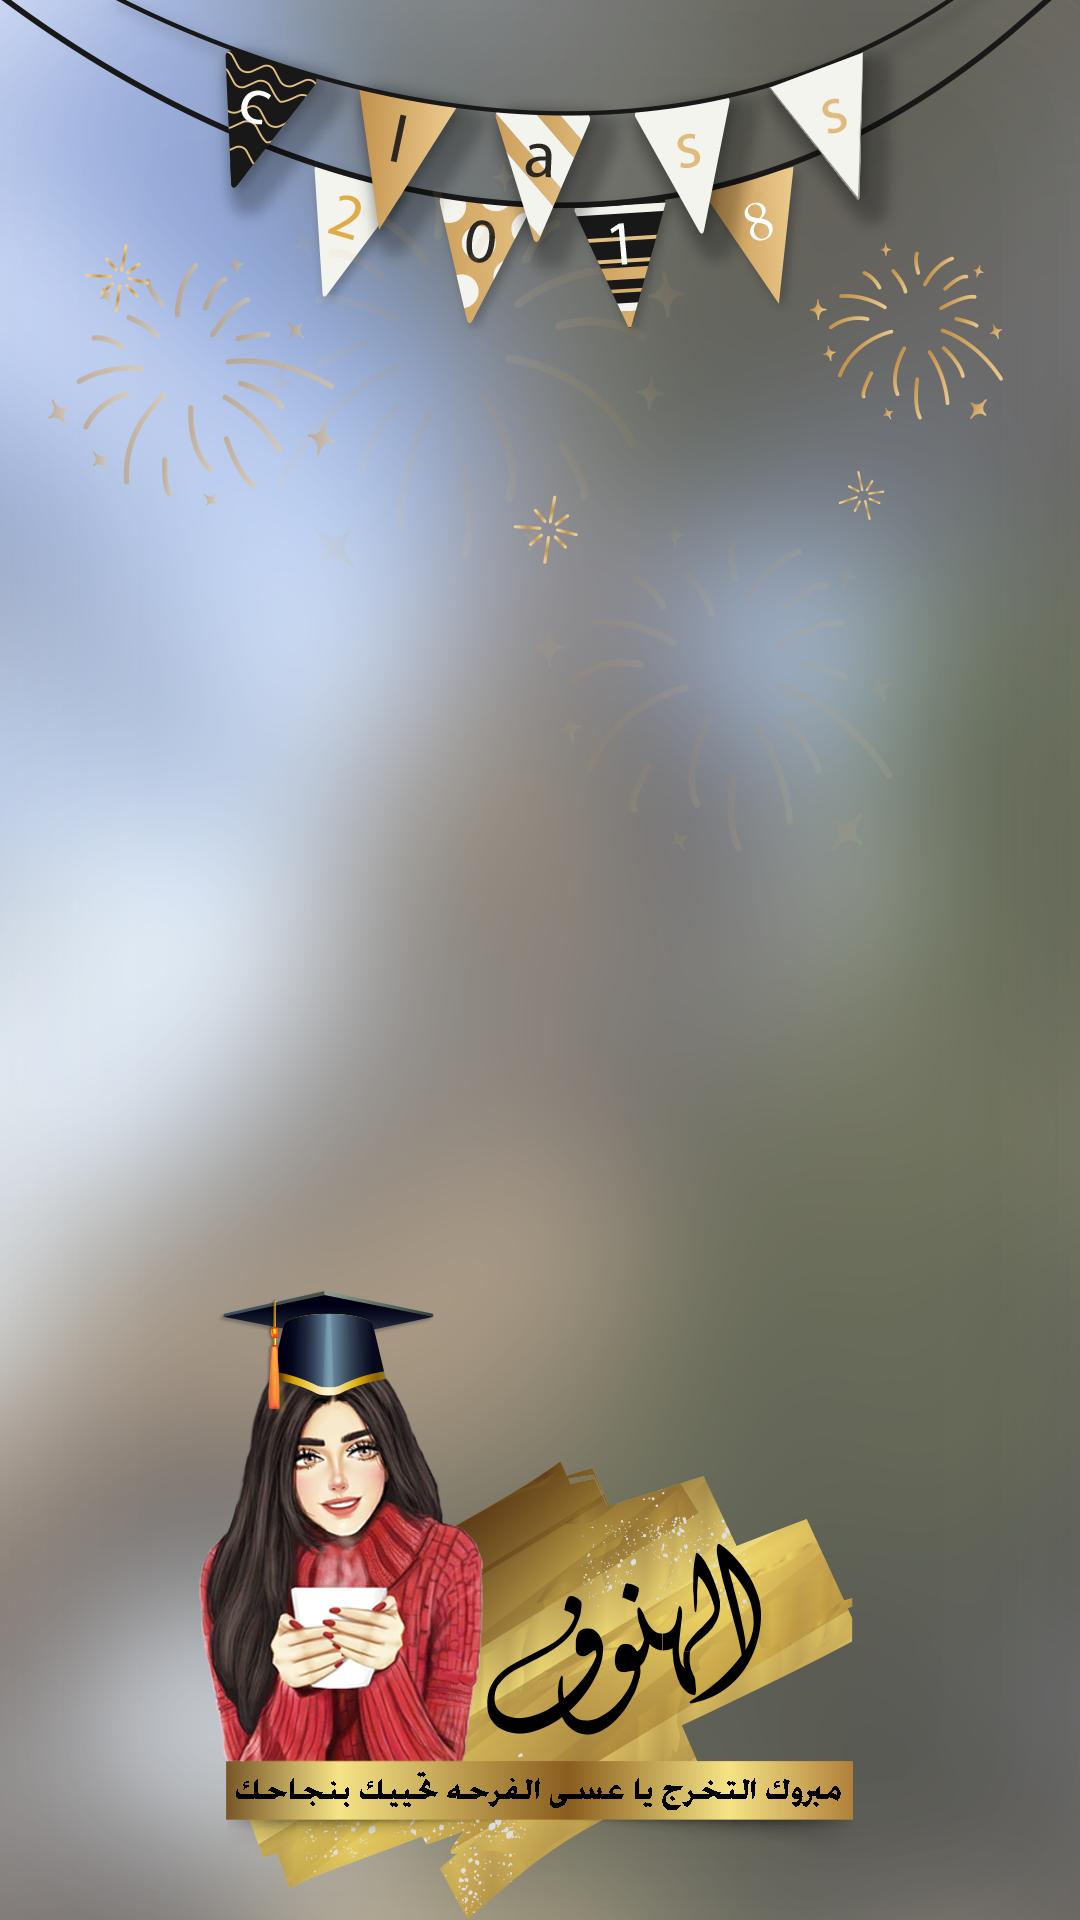 فلتر تخرج احترافي لعام 2018 لتصميم فلاتر سناب شات فلتر تخرج فلاتر فلتر خاص فلتر زواج فلتر مواليد فلاتر سنا Graduation Diy Graduation Art Graduation Girl